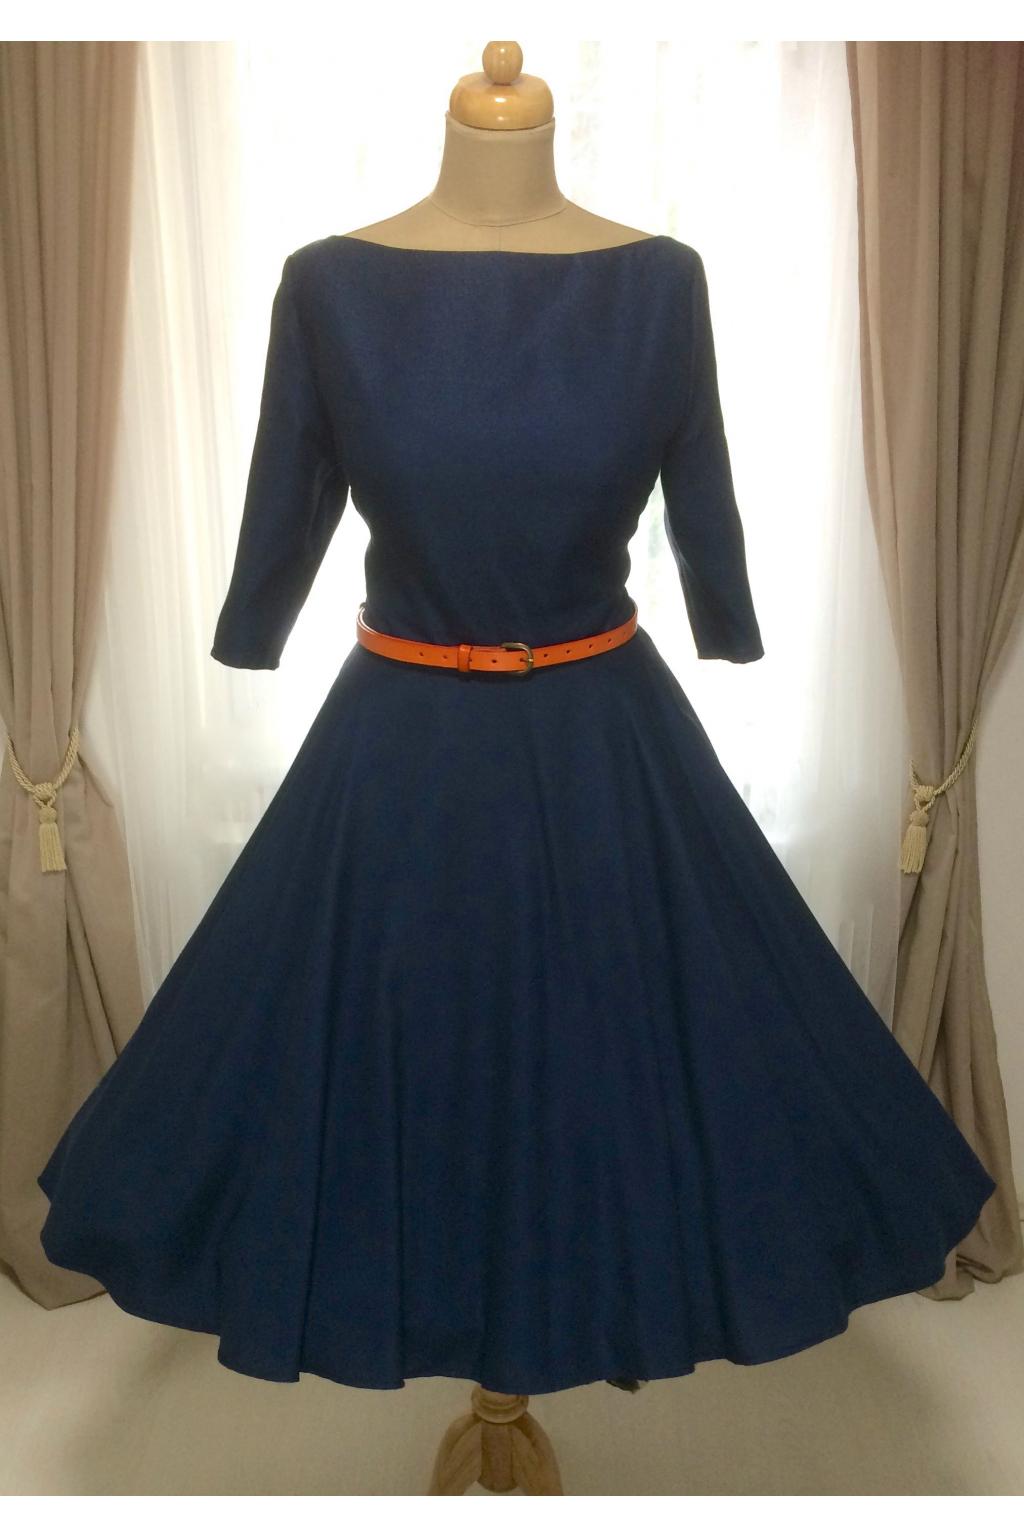 ADELE vlněné tmavě modré retro šaty